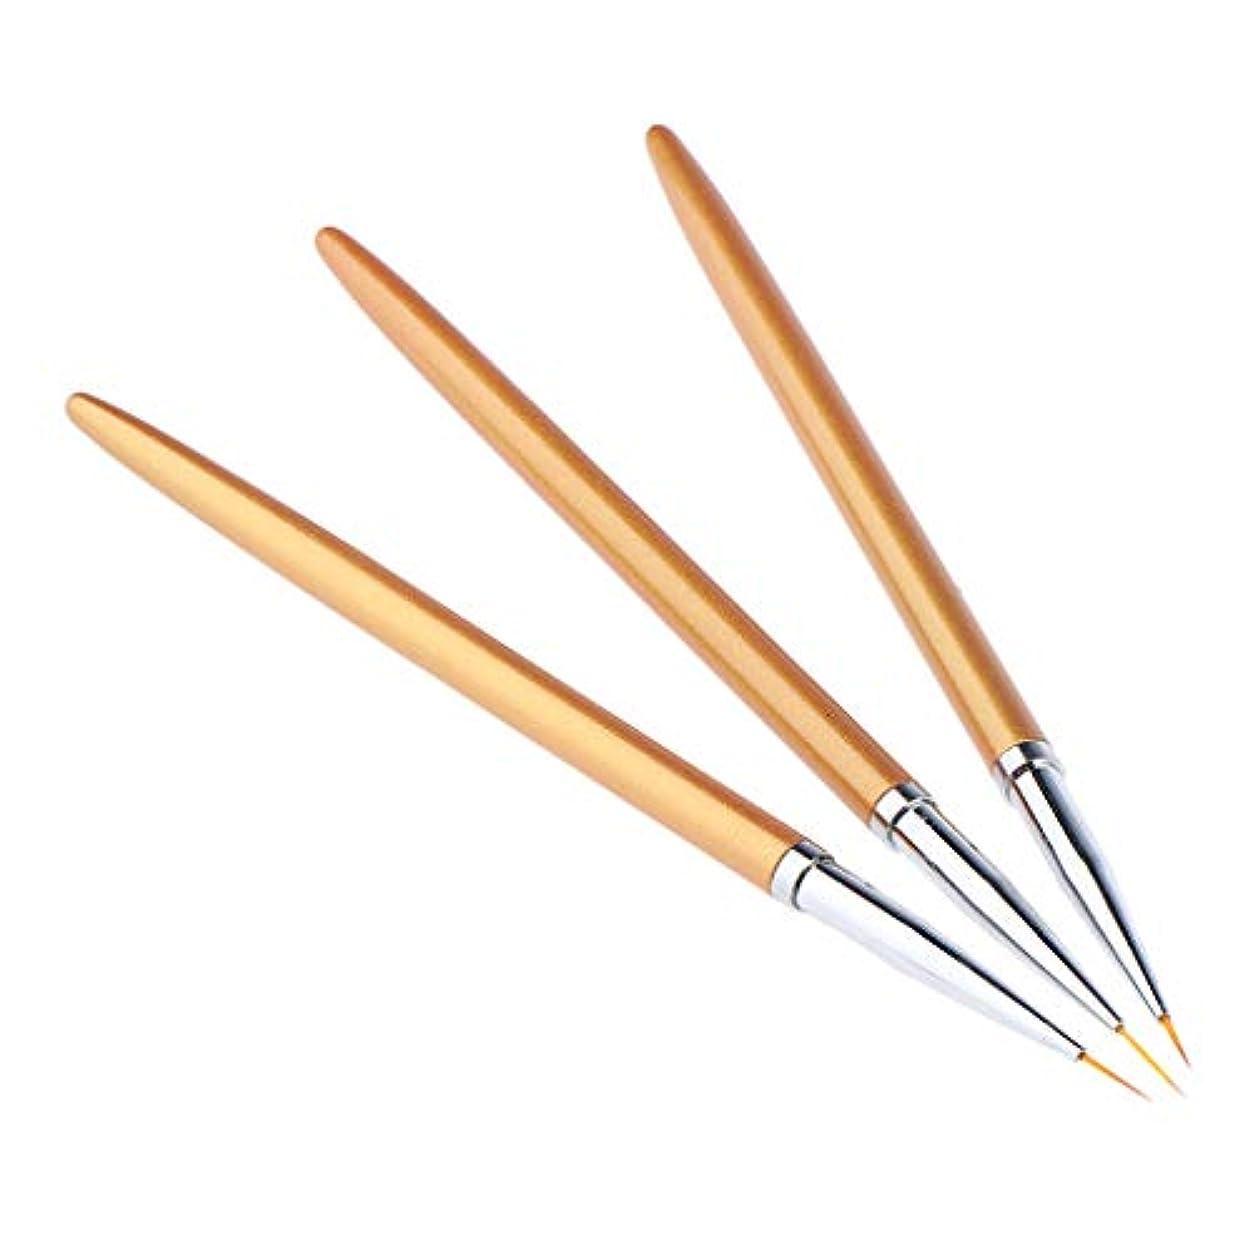 テニス努力するそれらPerfeclan ネイルアートペン ネイルブラシセット ネイルアートブラシ 絵画ペン 3本入り